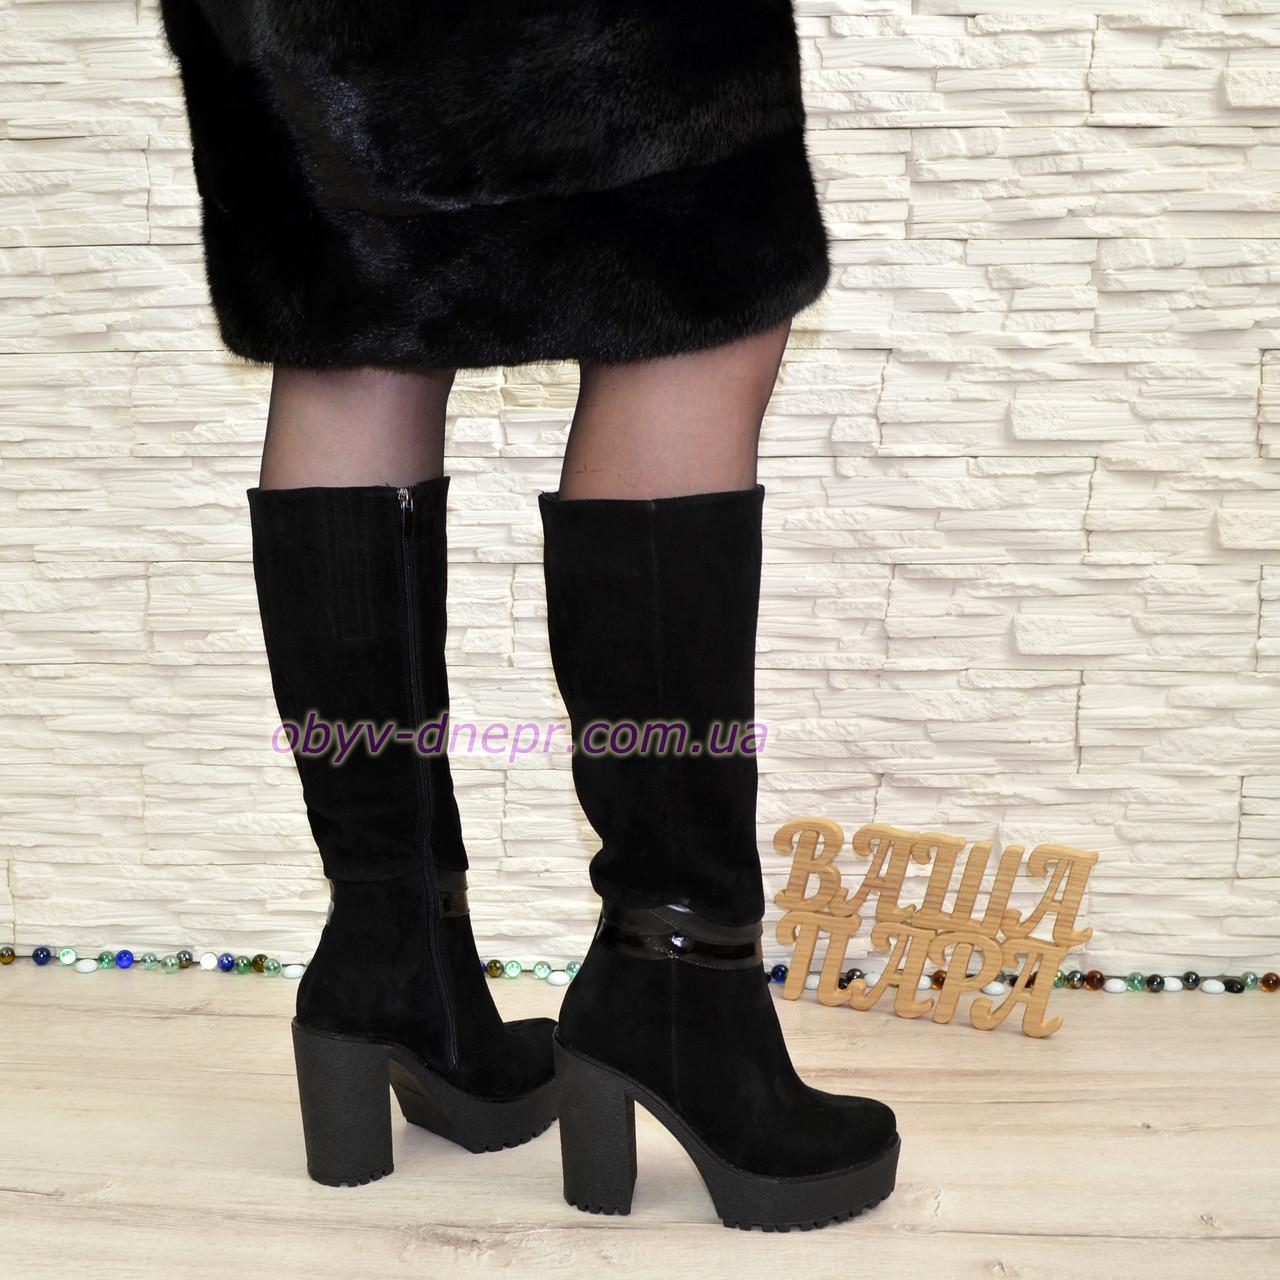 Женские   замшевые сапоги на высоком каблуке, декорированы вставками из кожи и лаковой кожи.